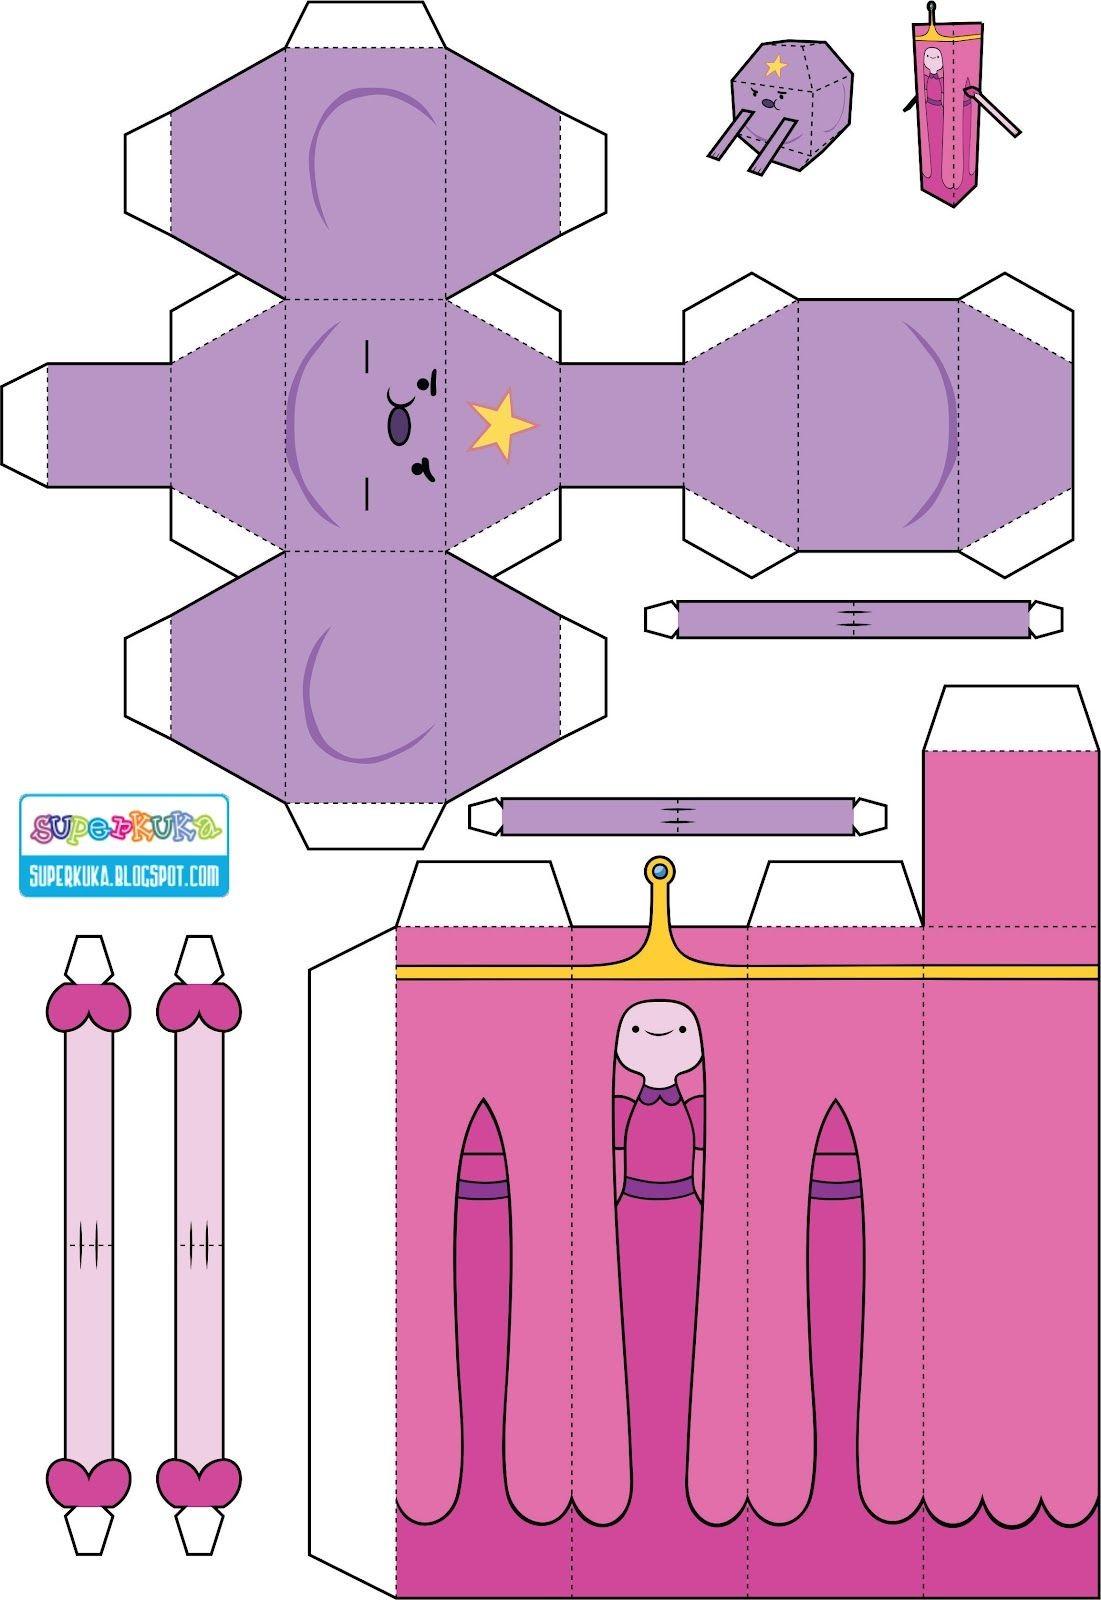 Adventure Time Papercraft Personagens Hora De Aventura Para Montar Pesquisa Google